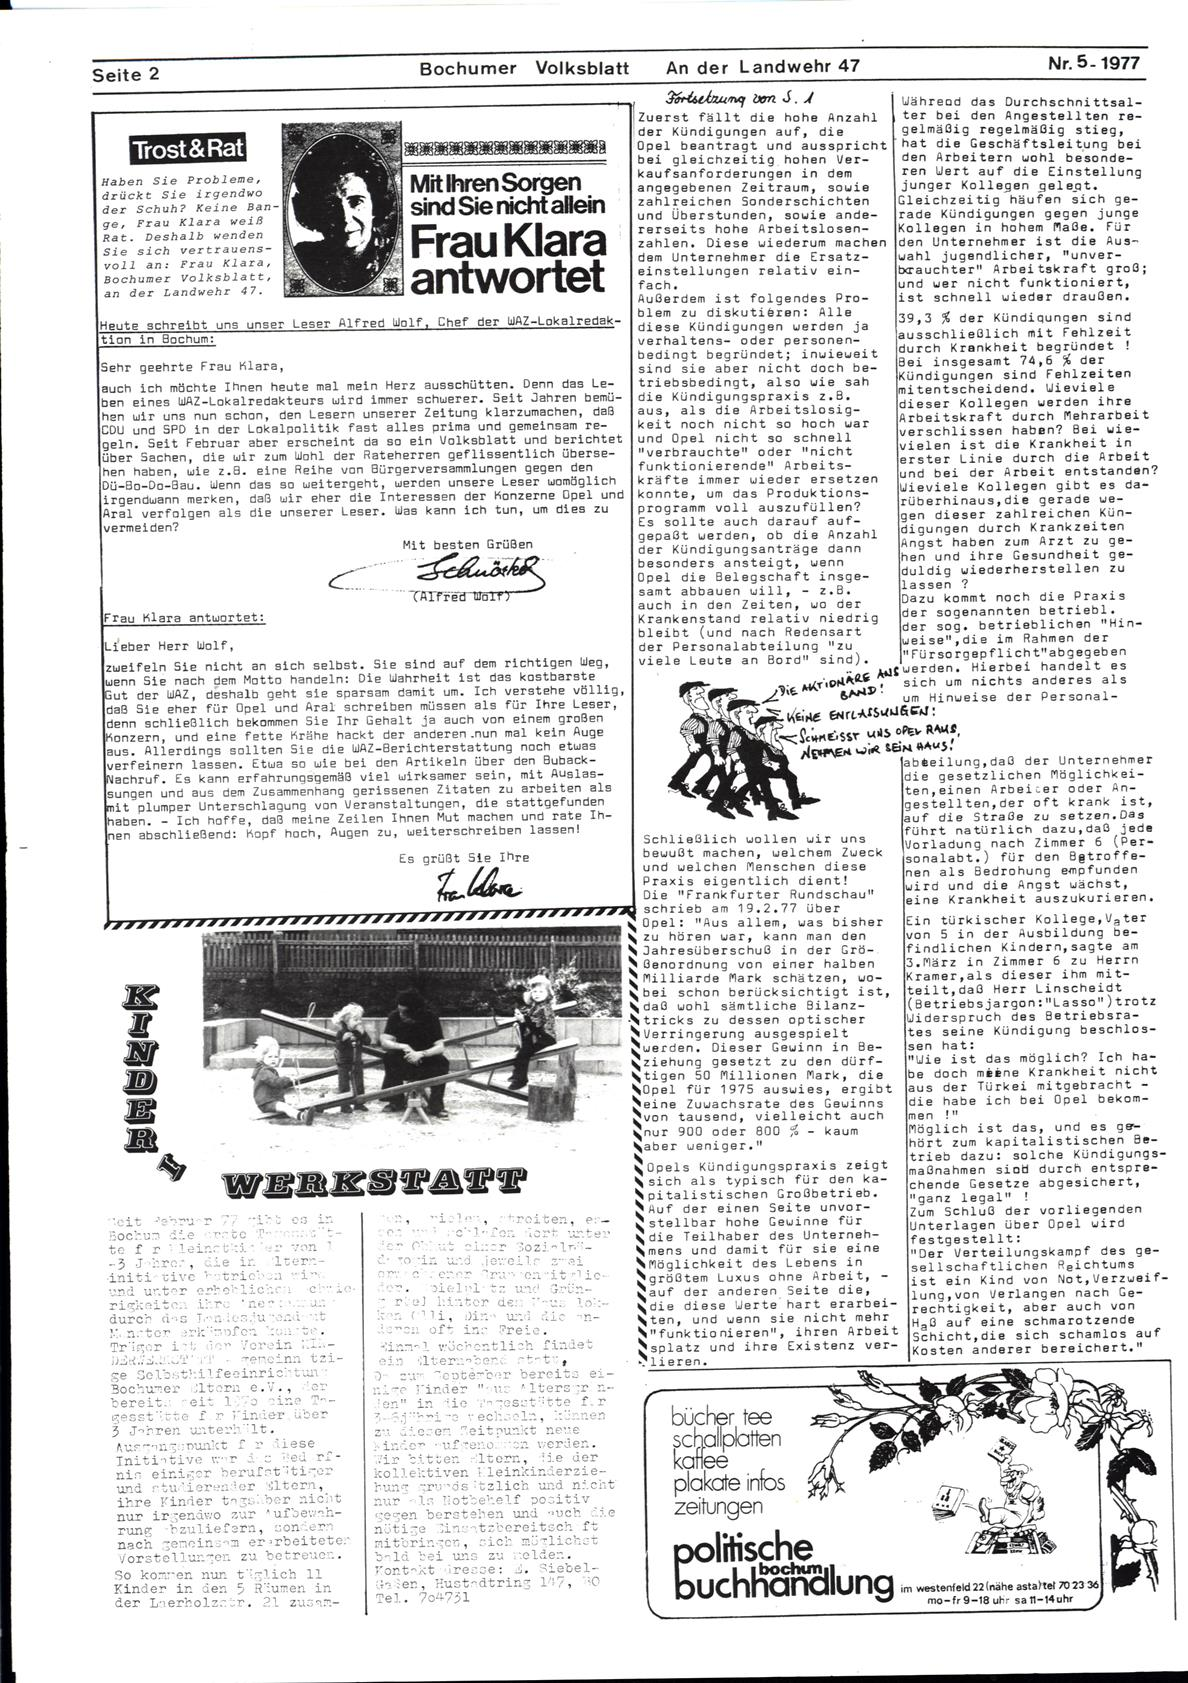 Bochum_Volksblatt_19770600_05_02